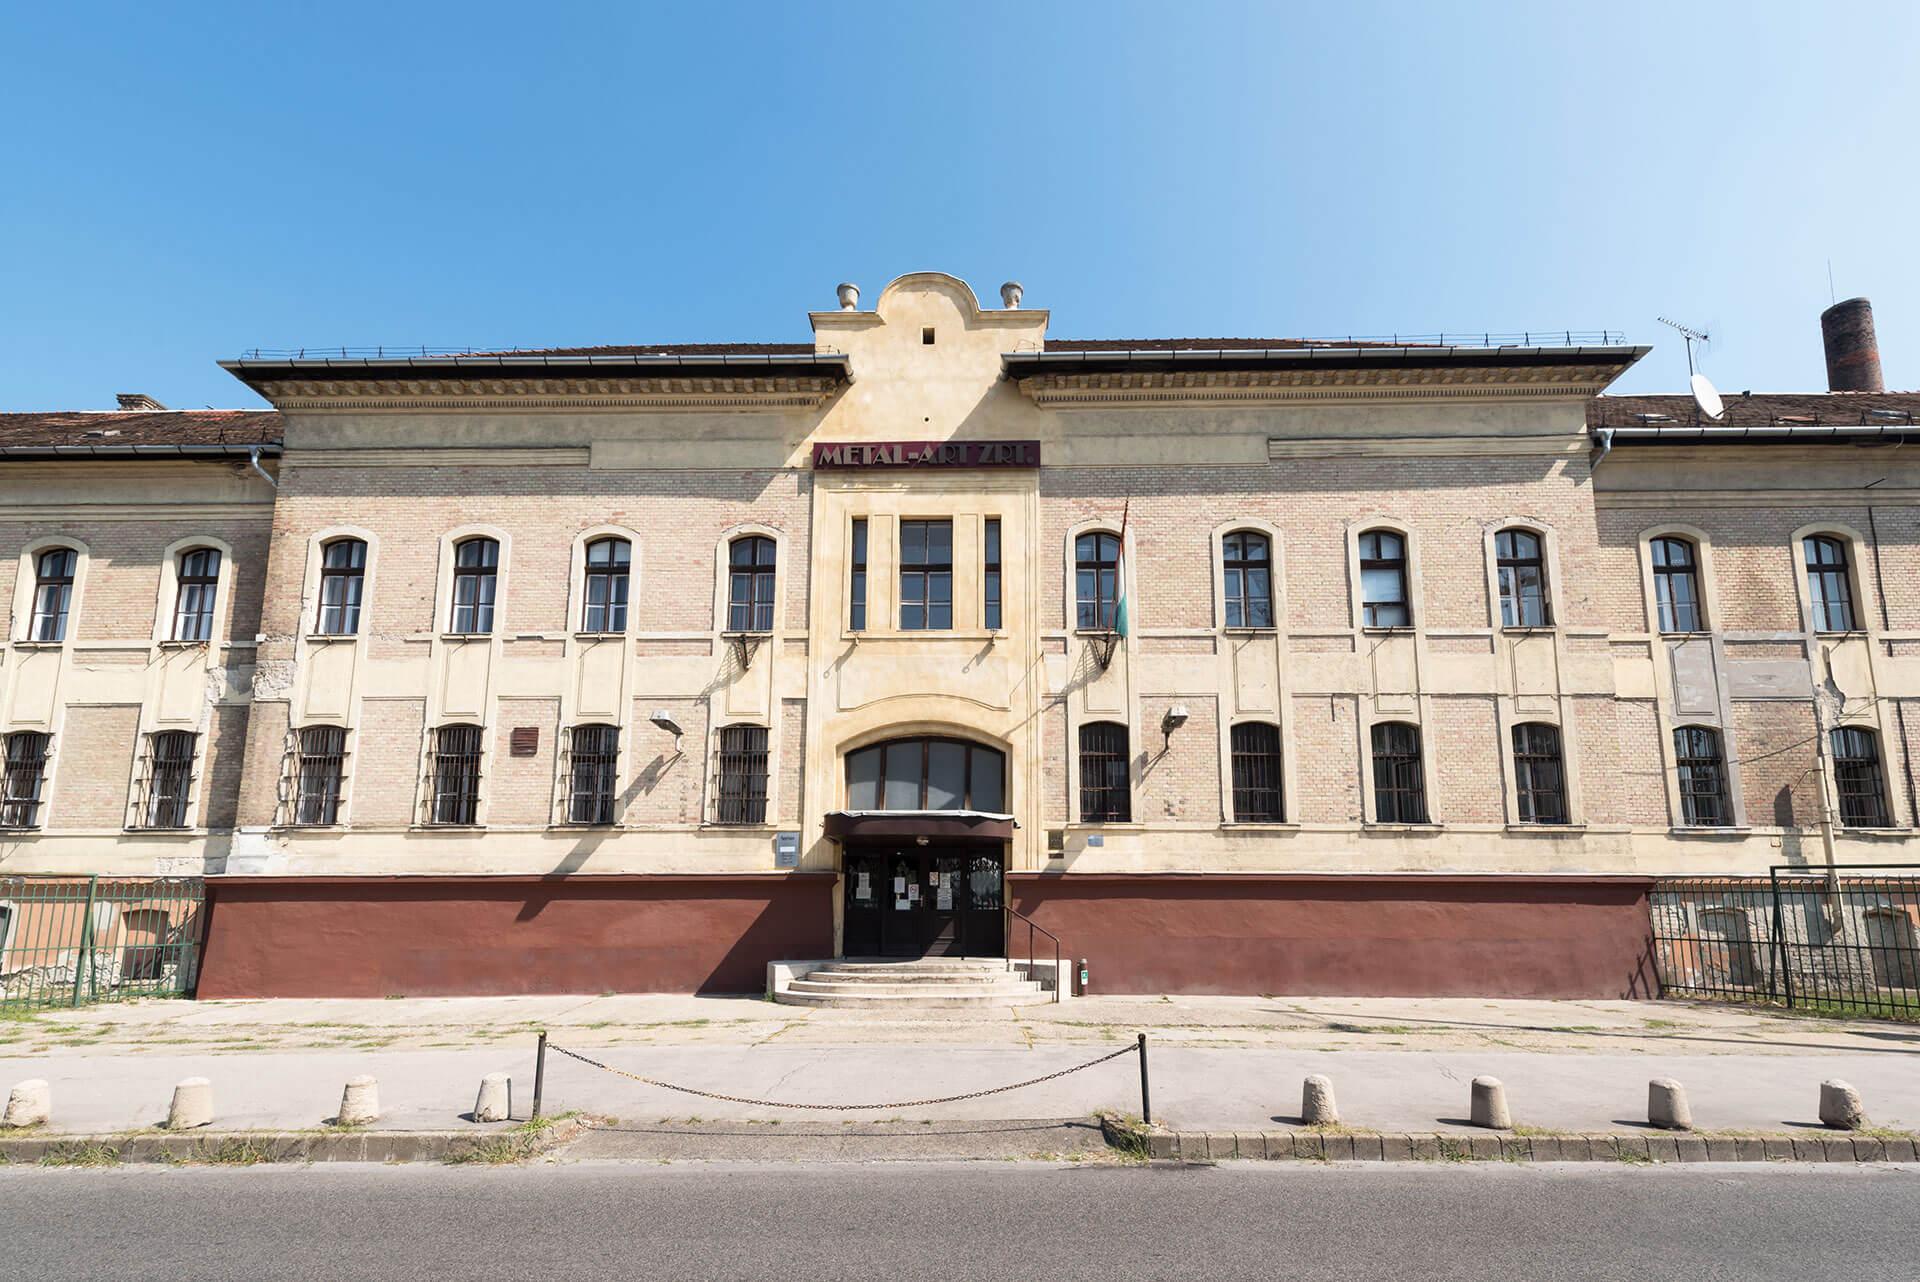 1089 Budapest, Üllői út 102. 1. épület kiadó iroda